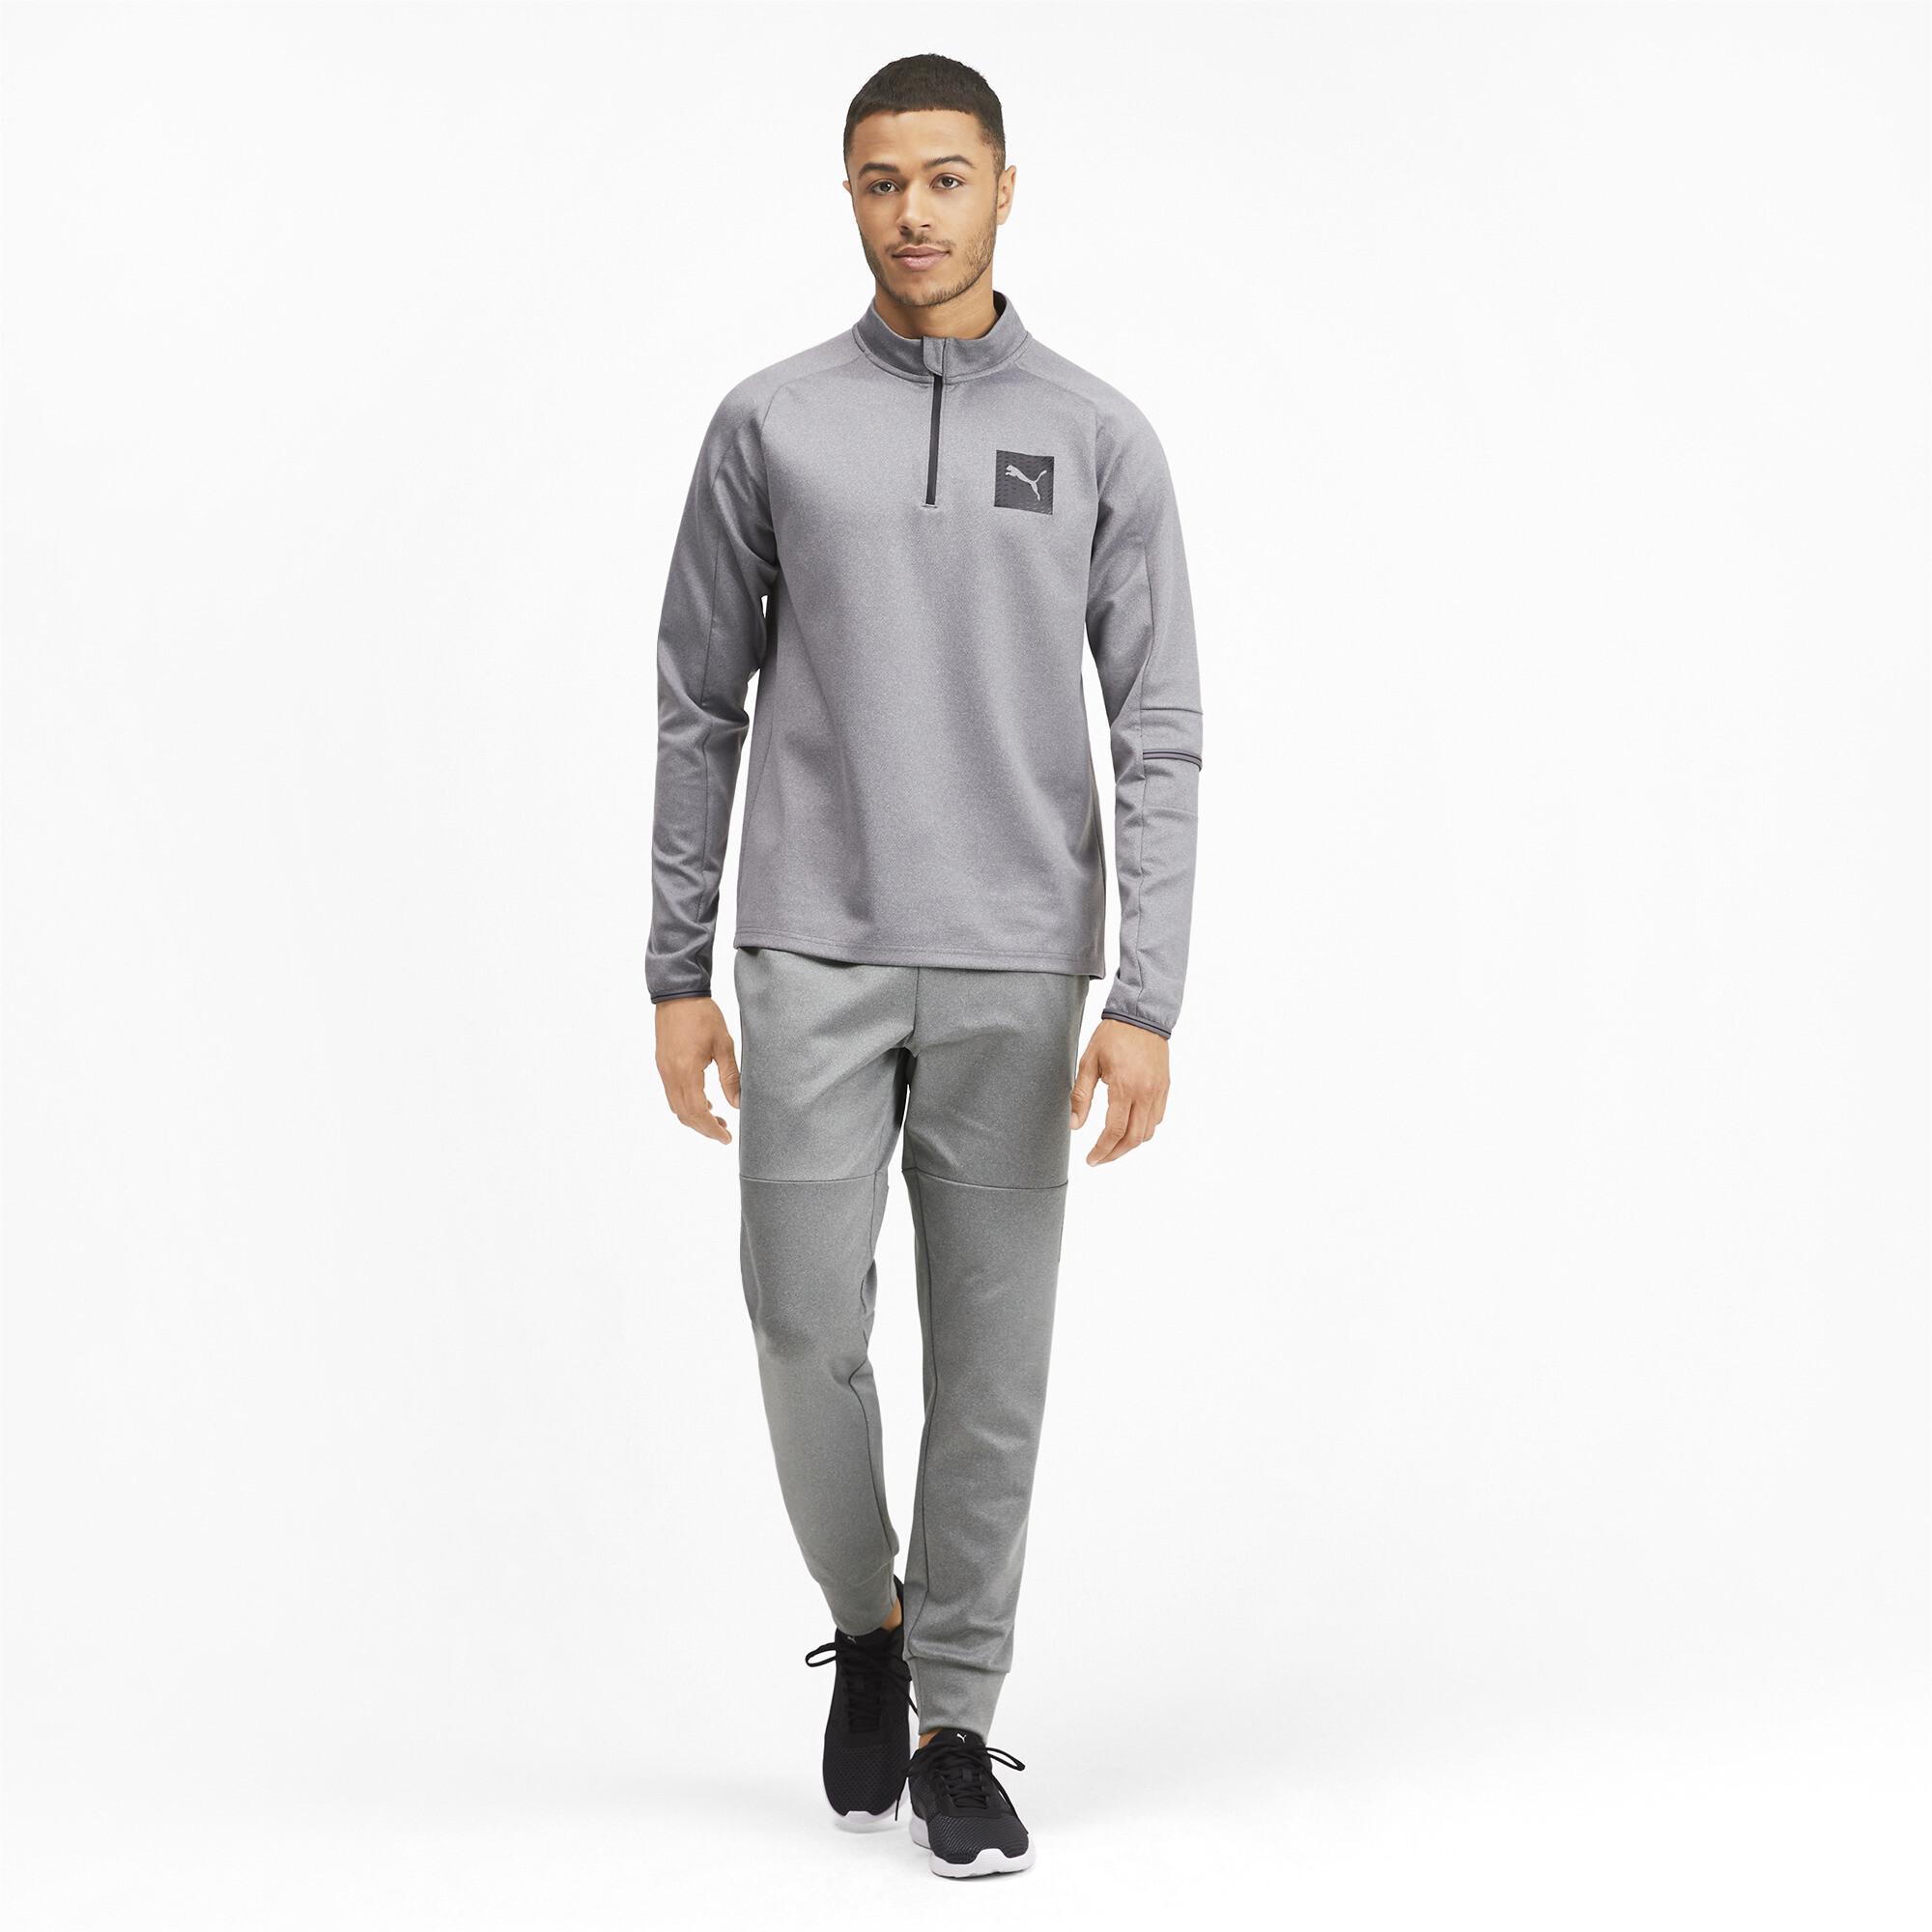 PUMA-Tec-Sports-Men-039-s-Sweatpants-Men-Knitted-Pants-Basics thumbnail 11